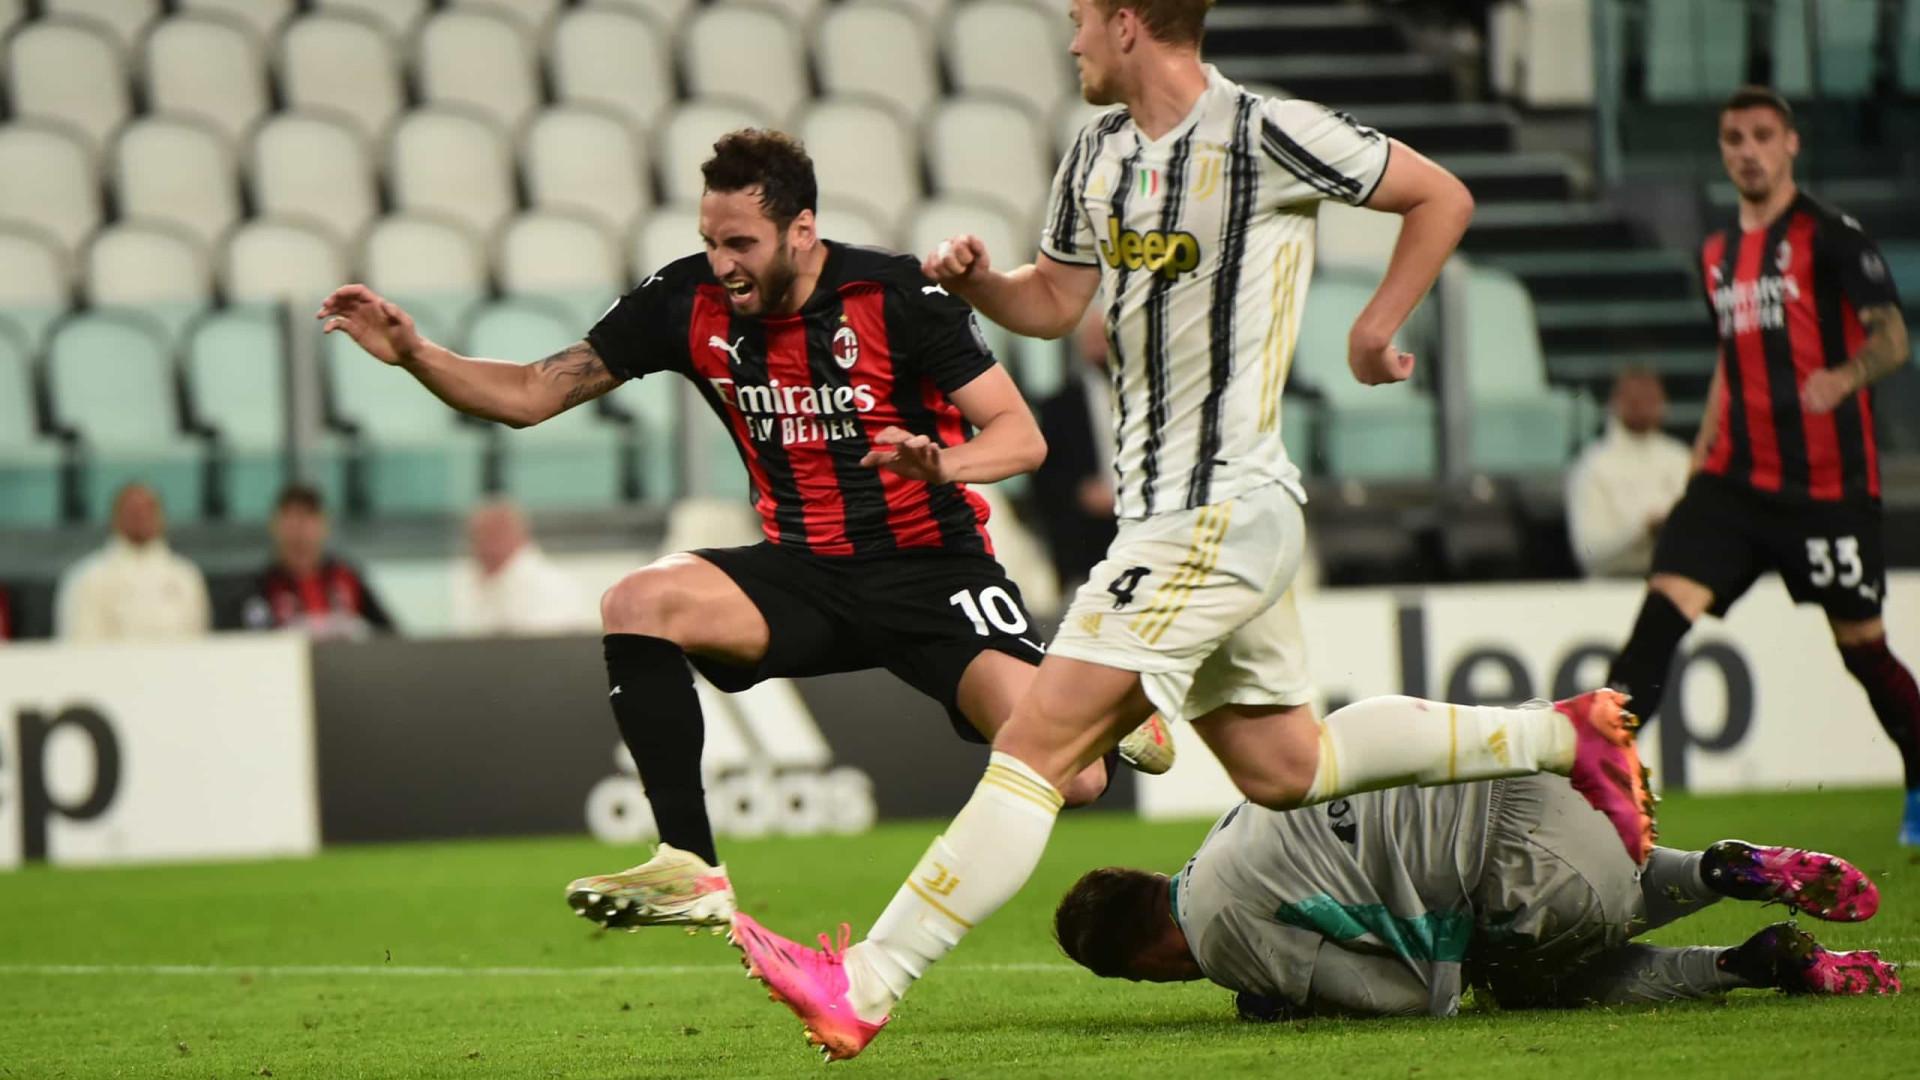 Em dia de quebra de jejum, Juventus perde para o Milan e sai do G4 do Italiano